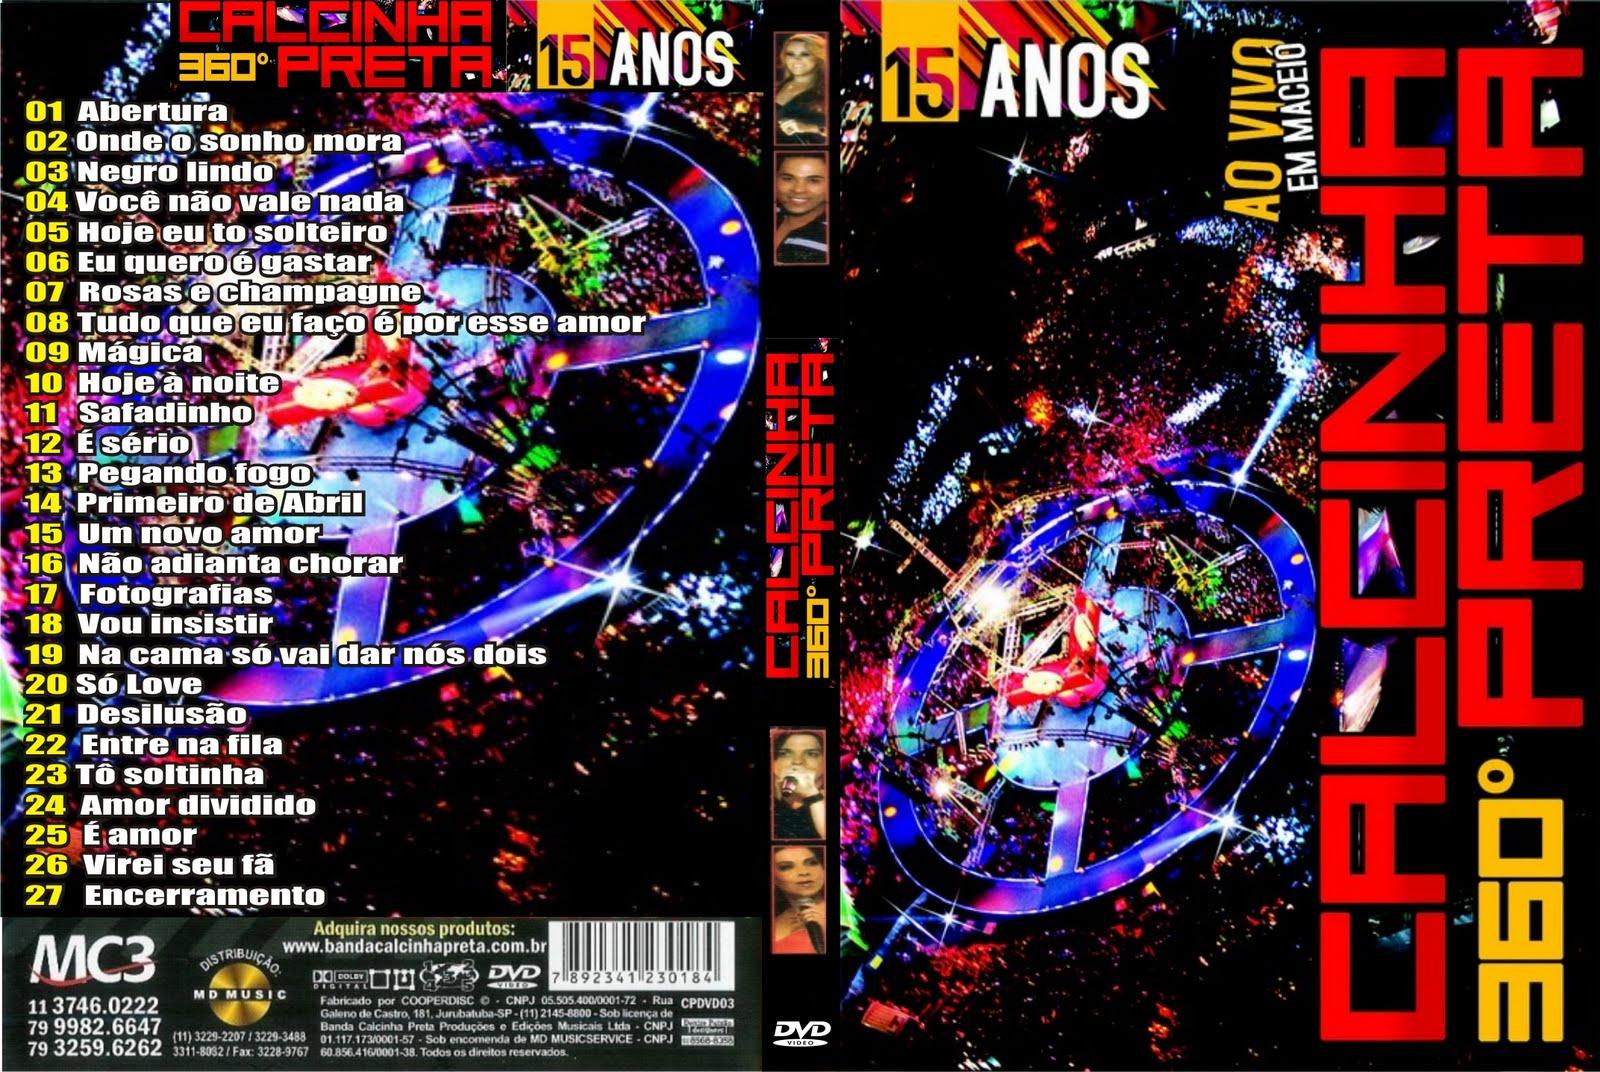 Calcinha preta dvd 1 forró sua música.